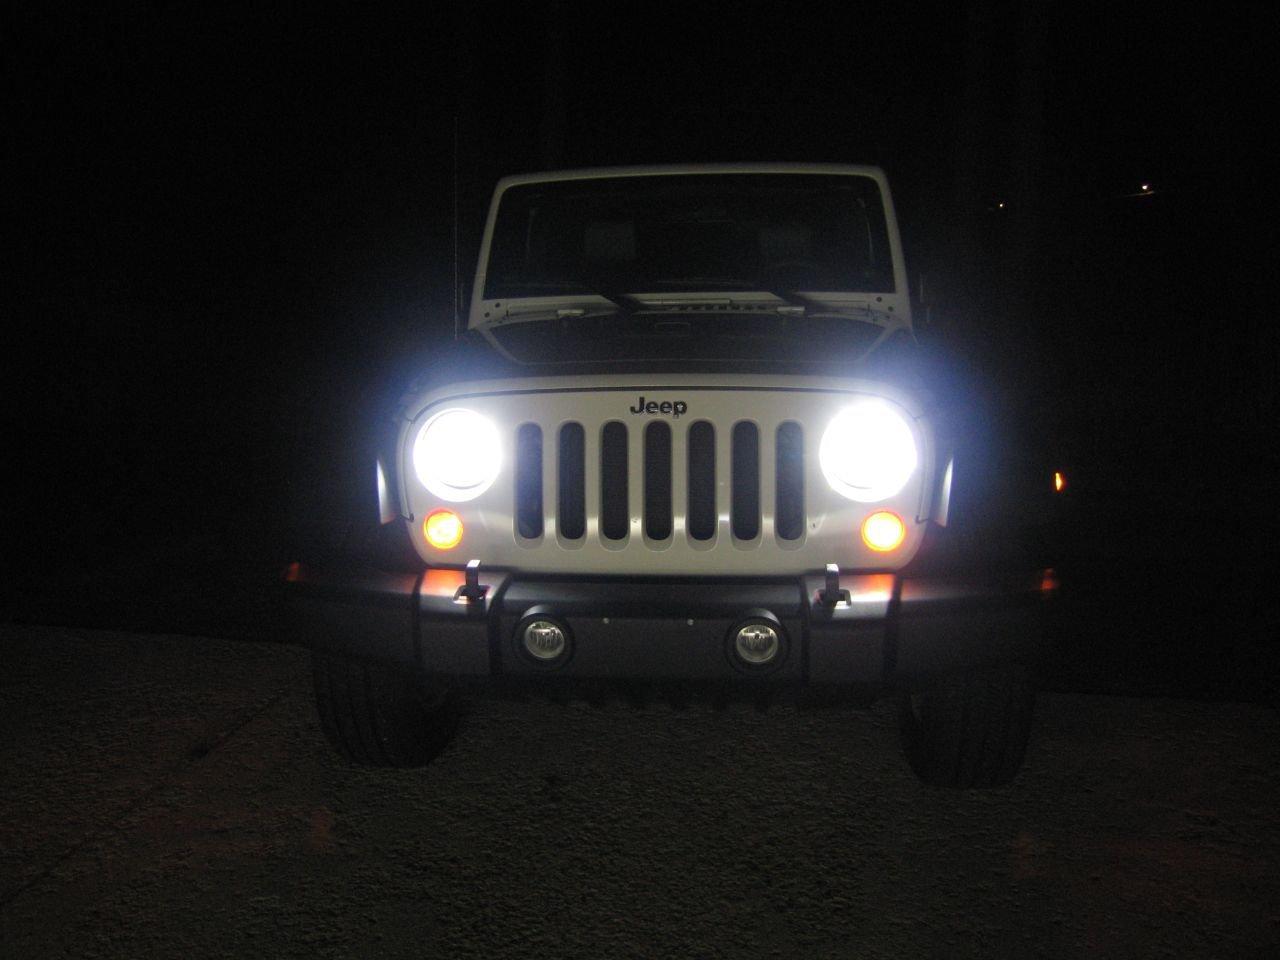 Jeep Wrangler JK Bright White Light Bulbs for Head Lamps